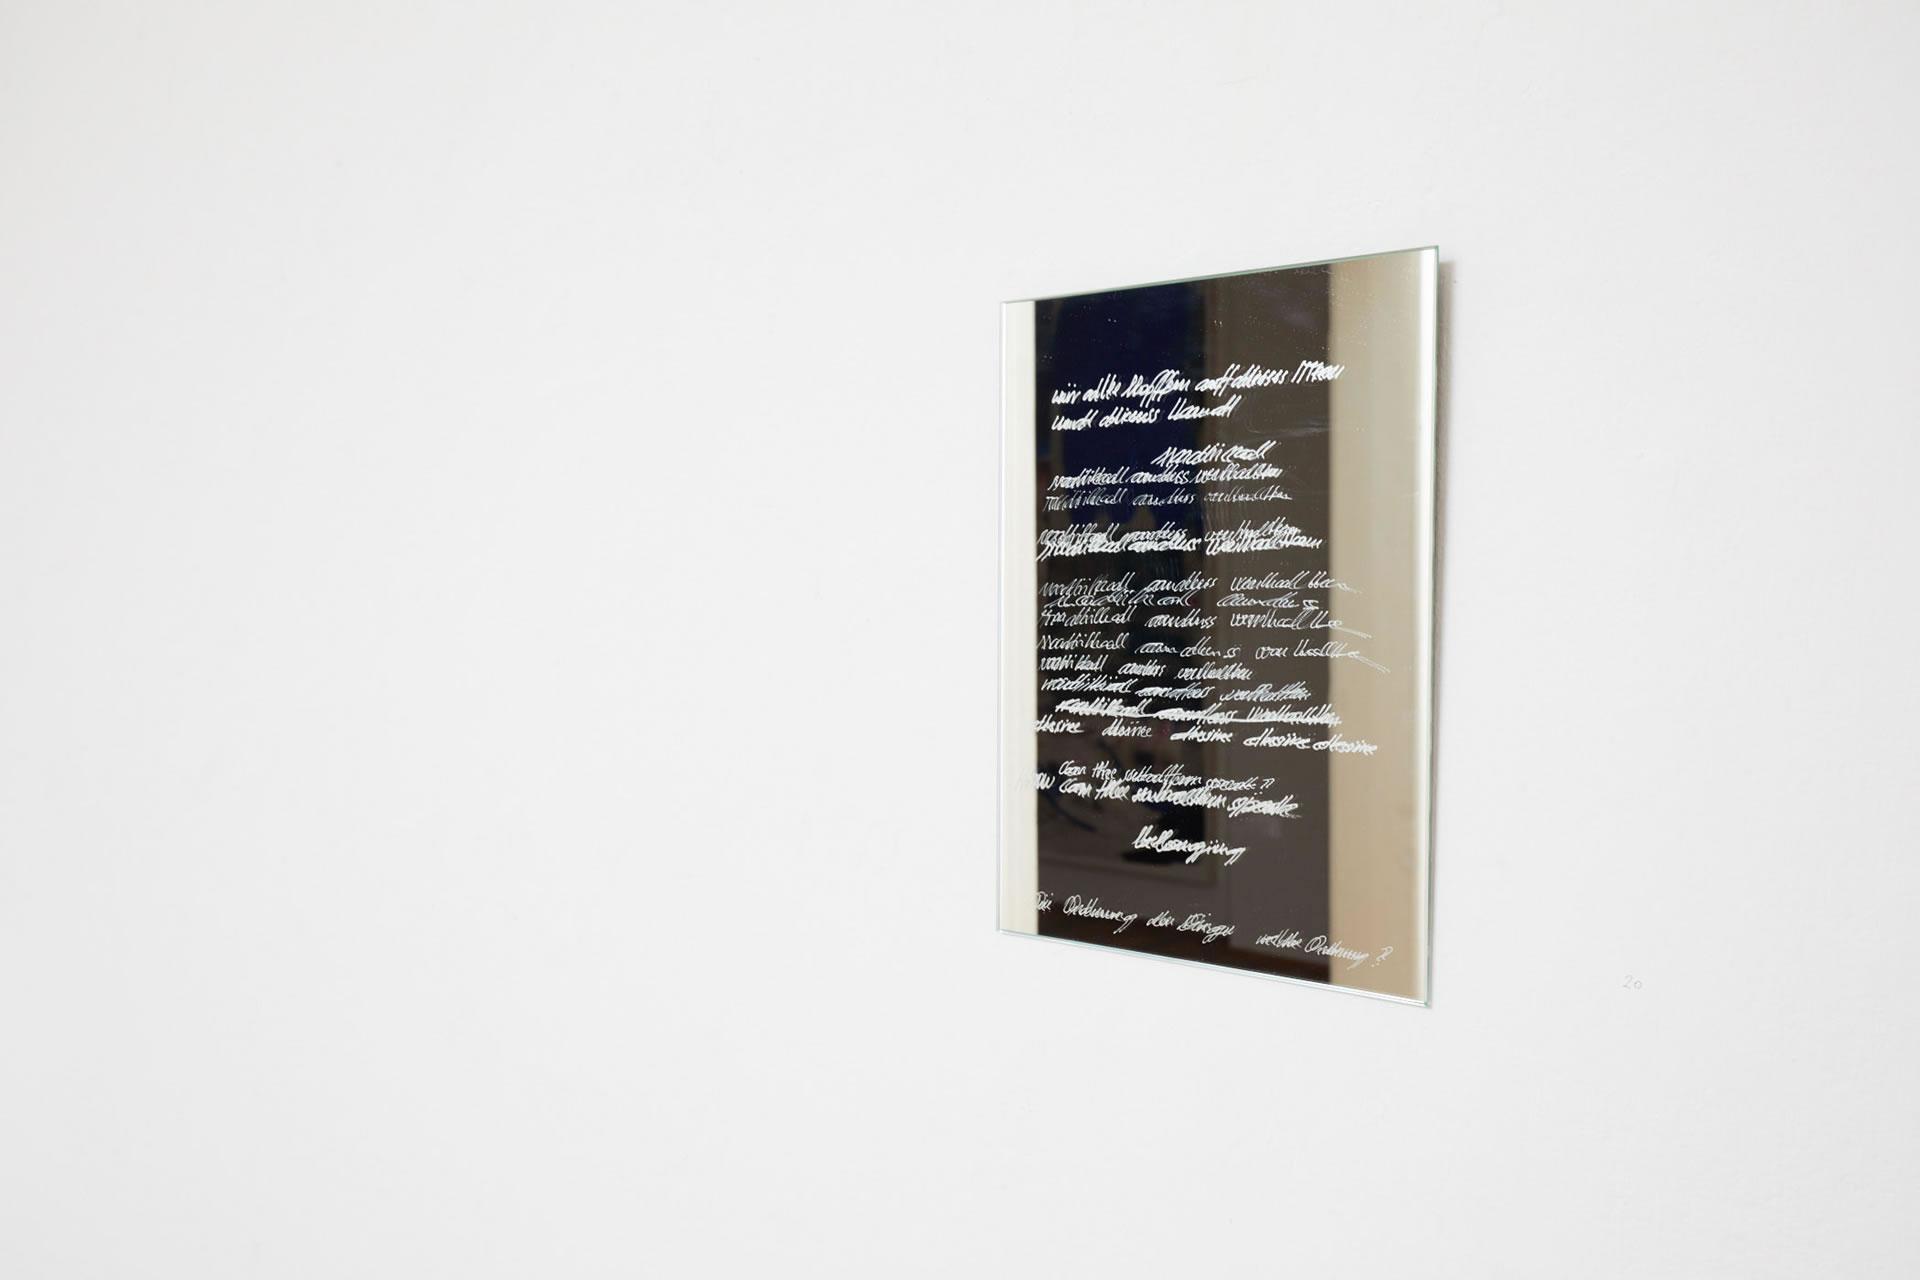 Veronika Dirnhofer | Visible the unseen | 2018 | Spiegel graviert | Galerie3 | Foto Johannes Puch